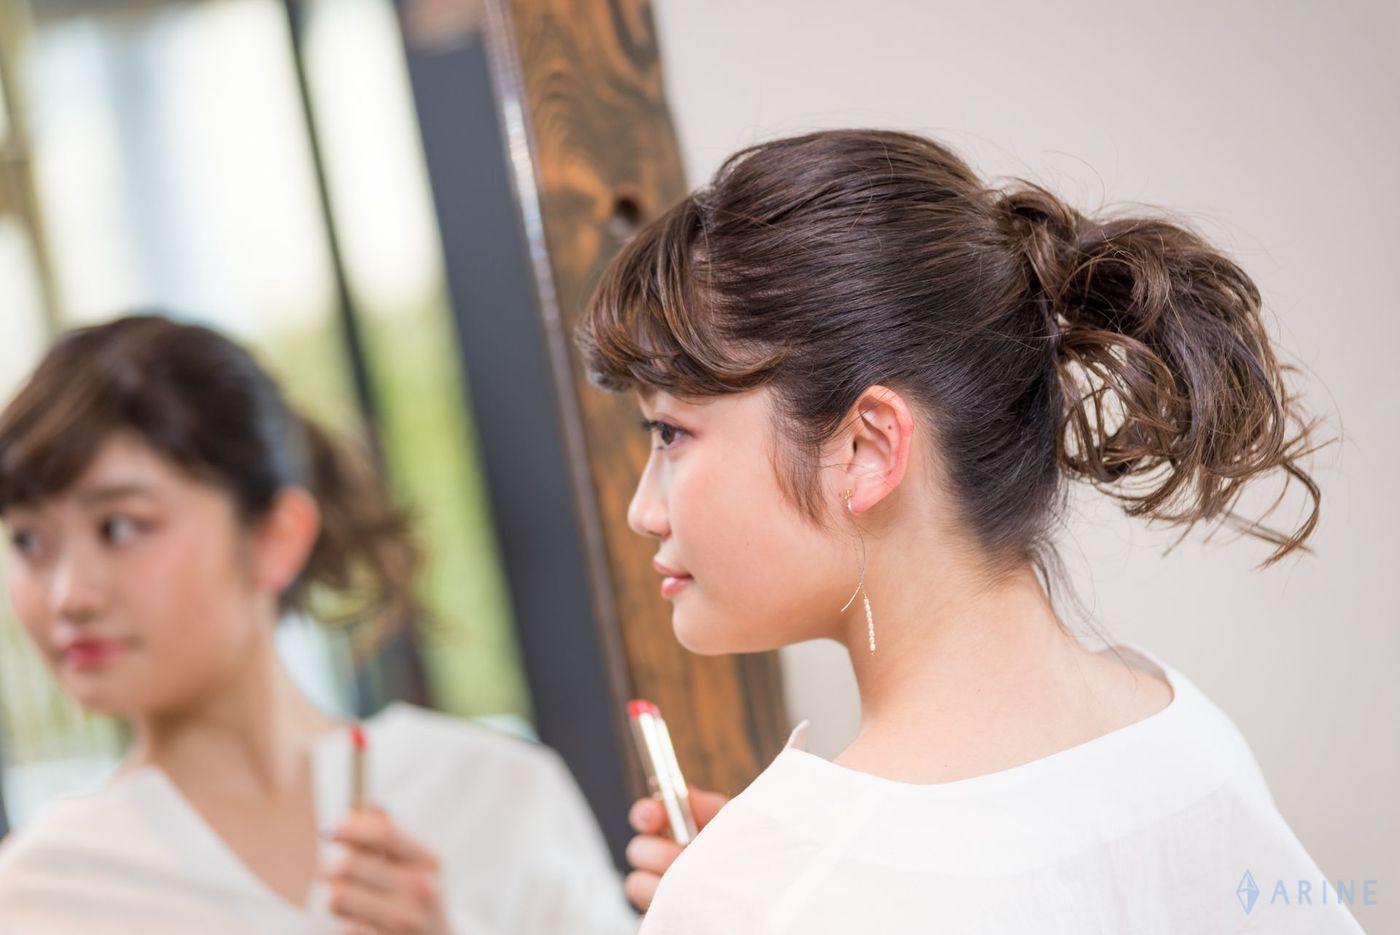 人気美容室が提案!雰囲気が一瞬で変わる♡イメチェン春ヘアアレンジの7枚目の画像